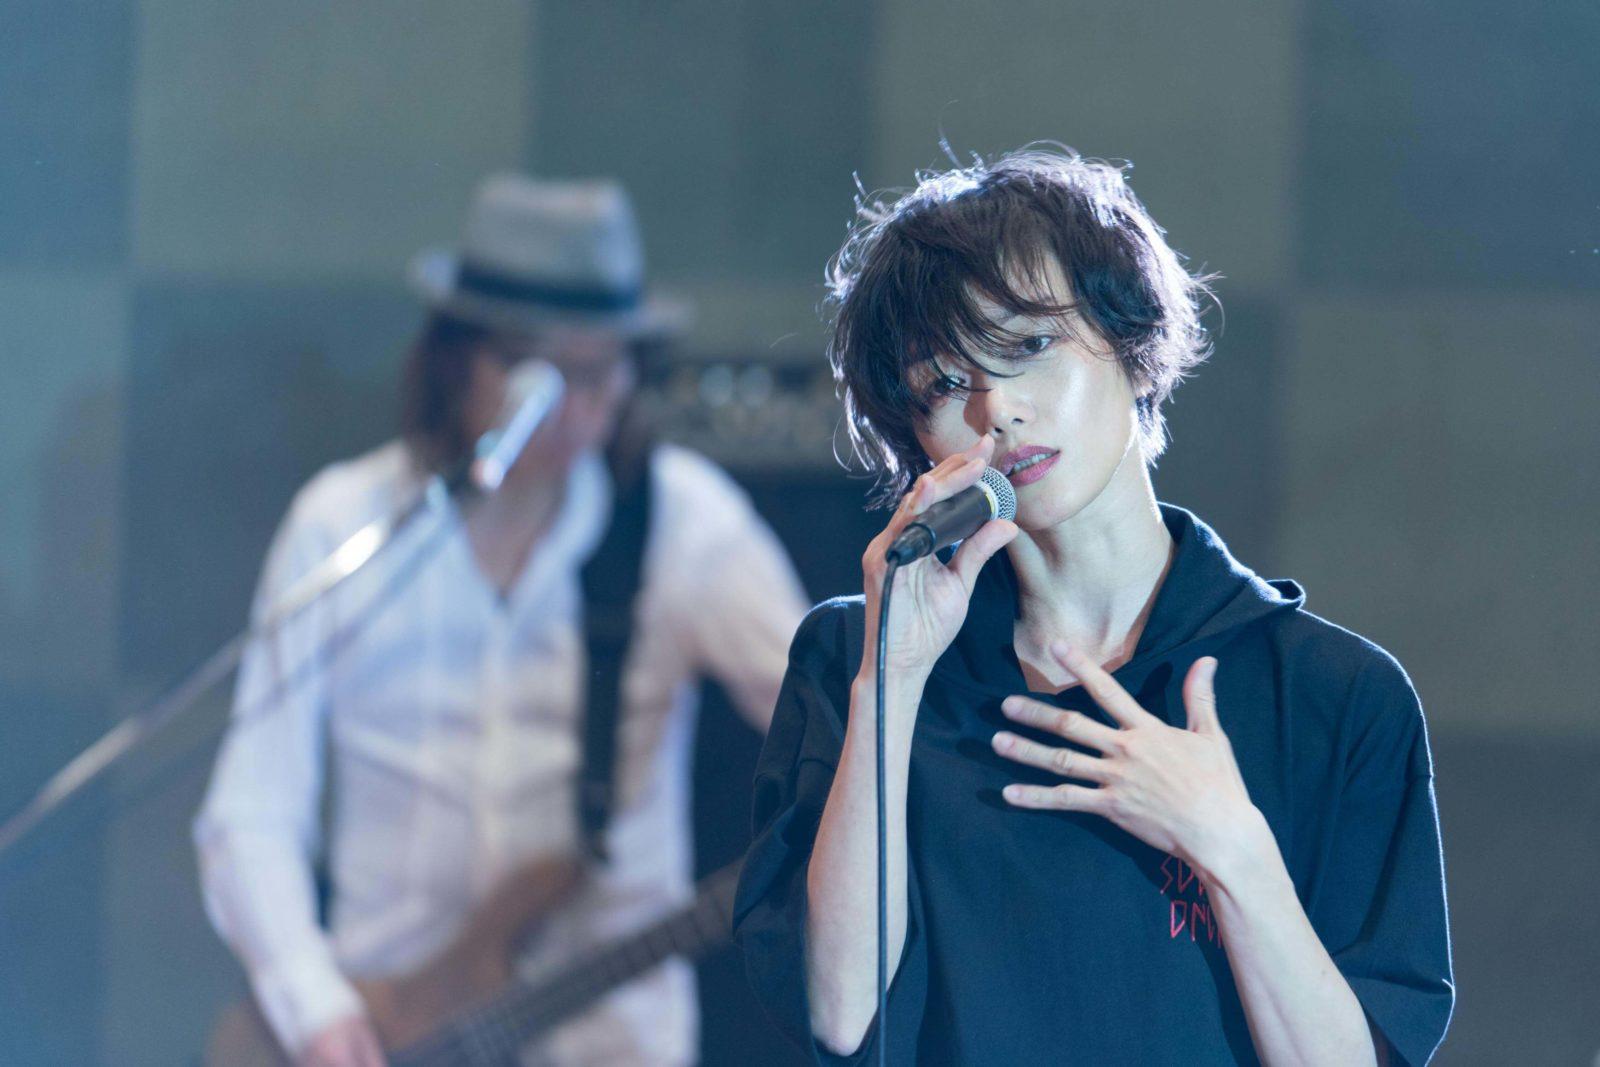 三上ちさこ「1004」のスタジオ・ライブ映像公開サムネイル画像